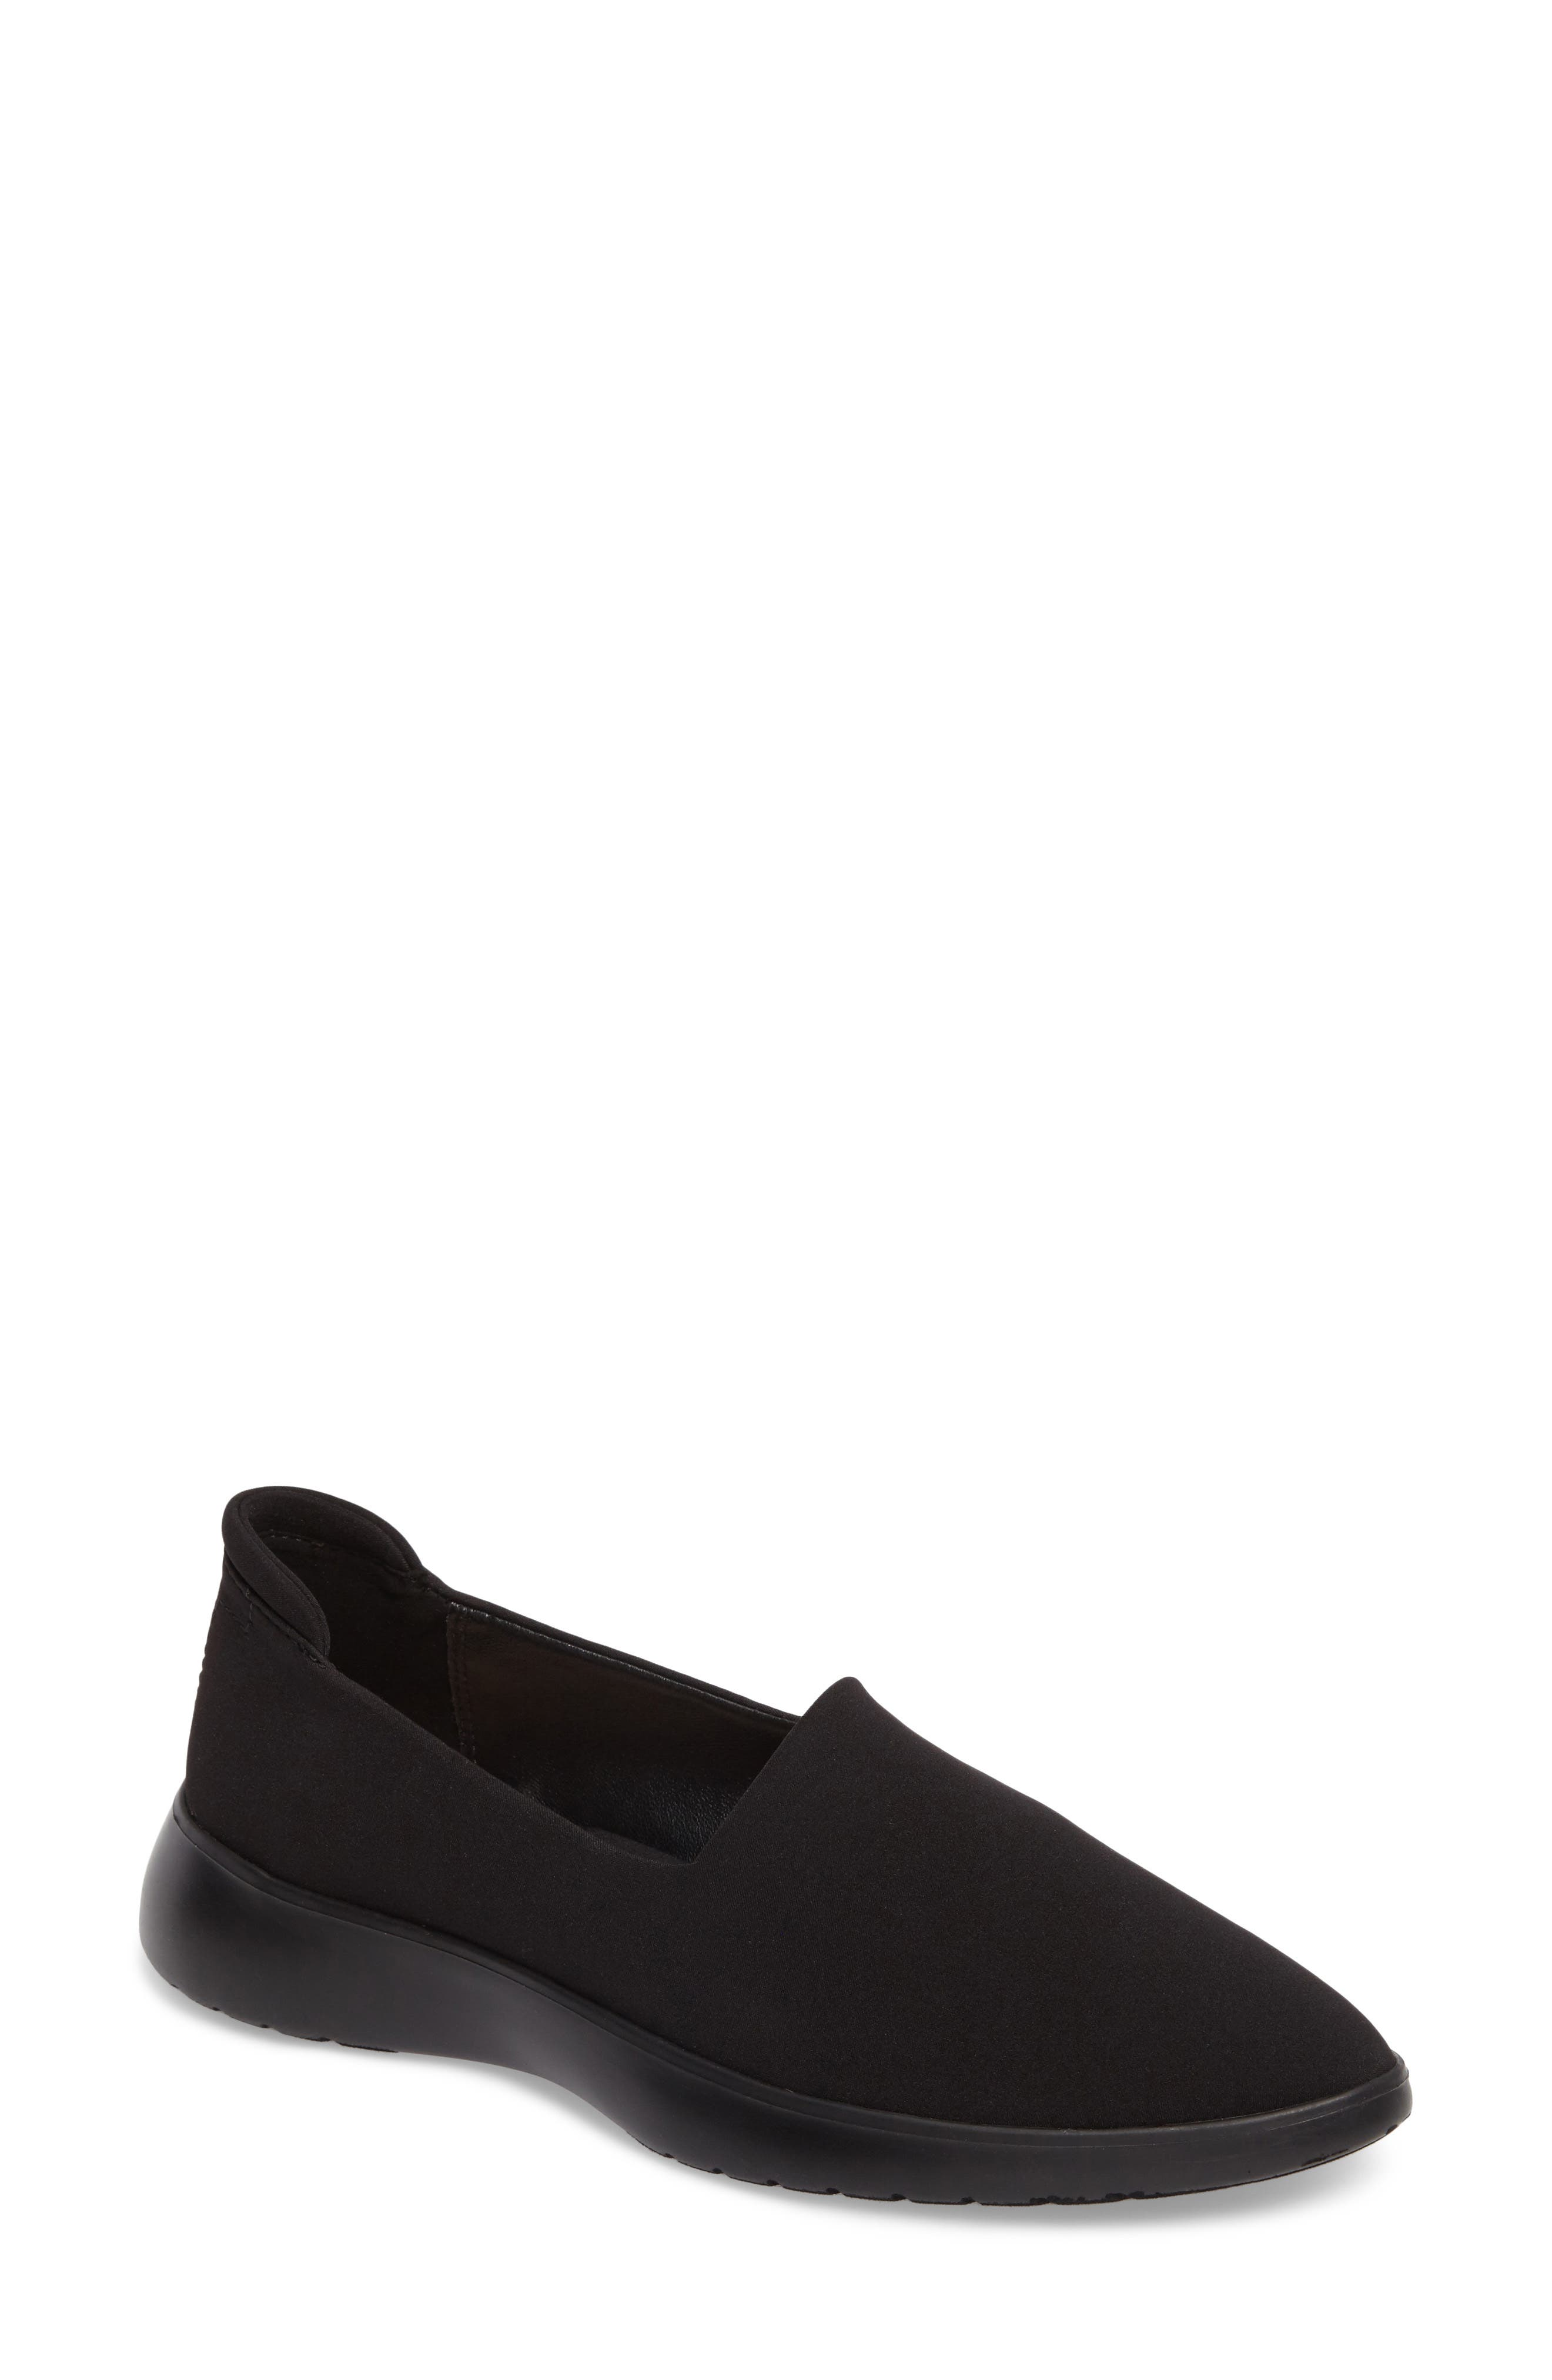 Darla Flat,                             Main thumbnail 1, color,                             Black Fabric